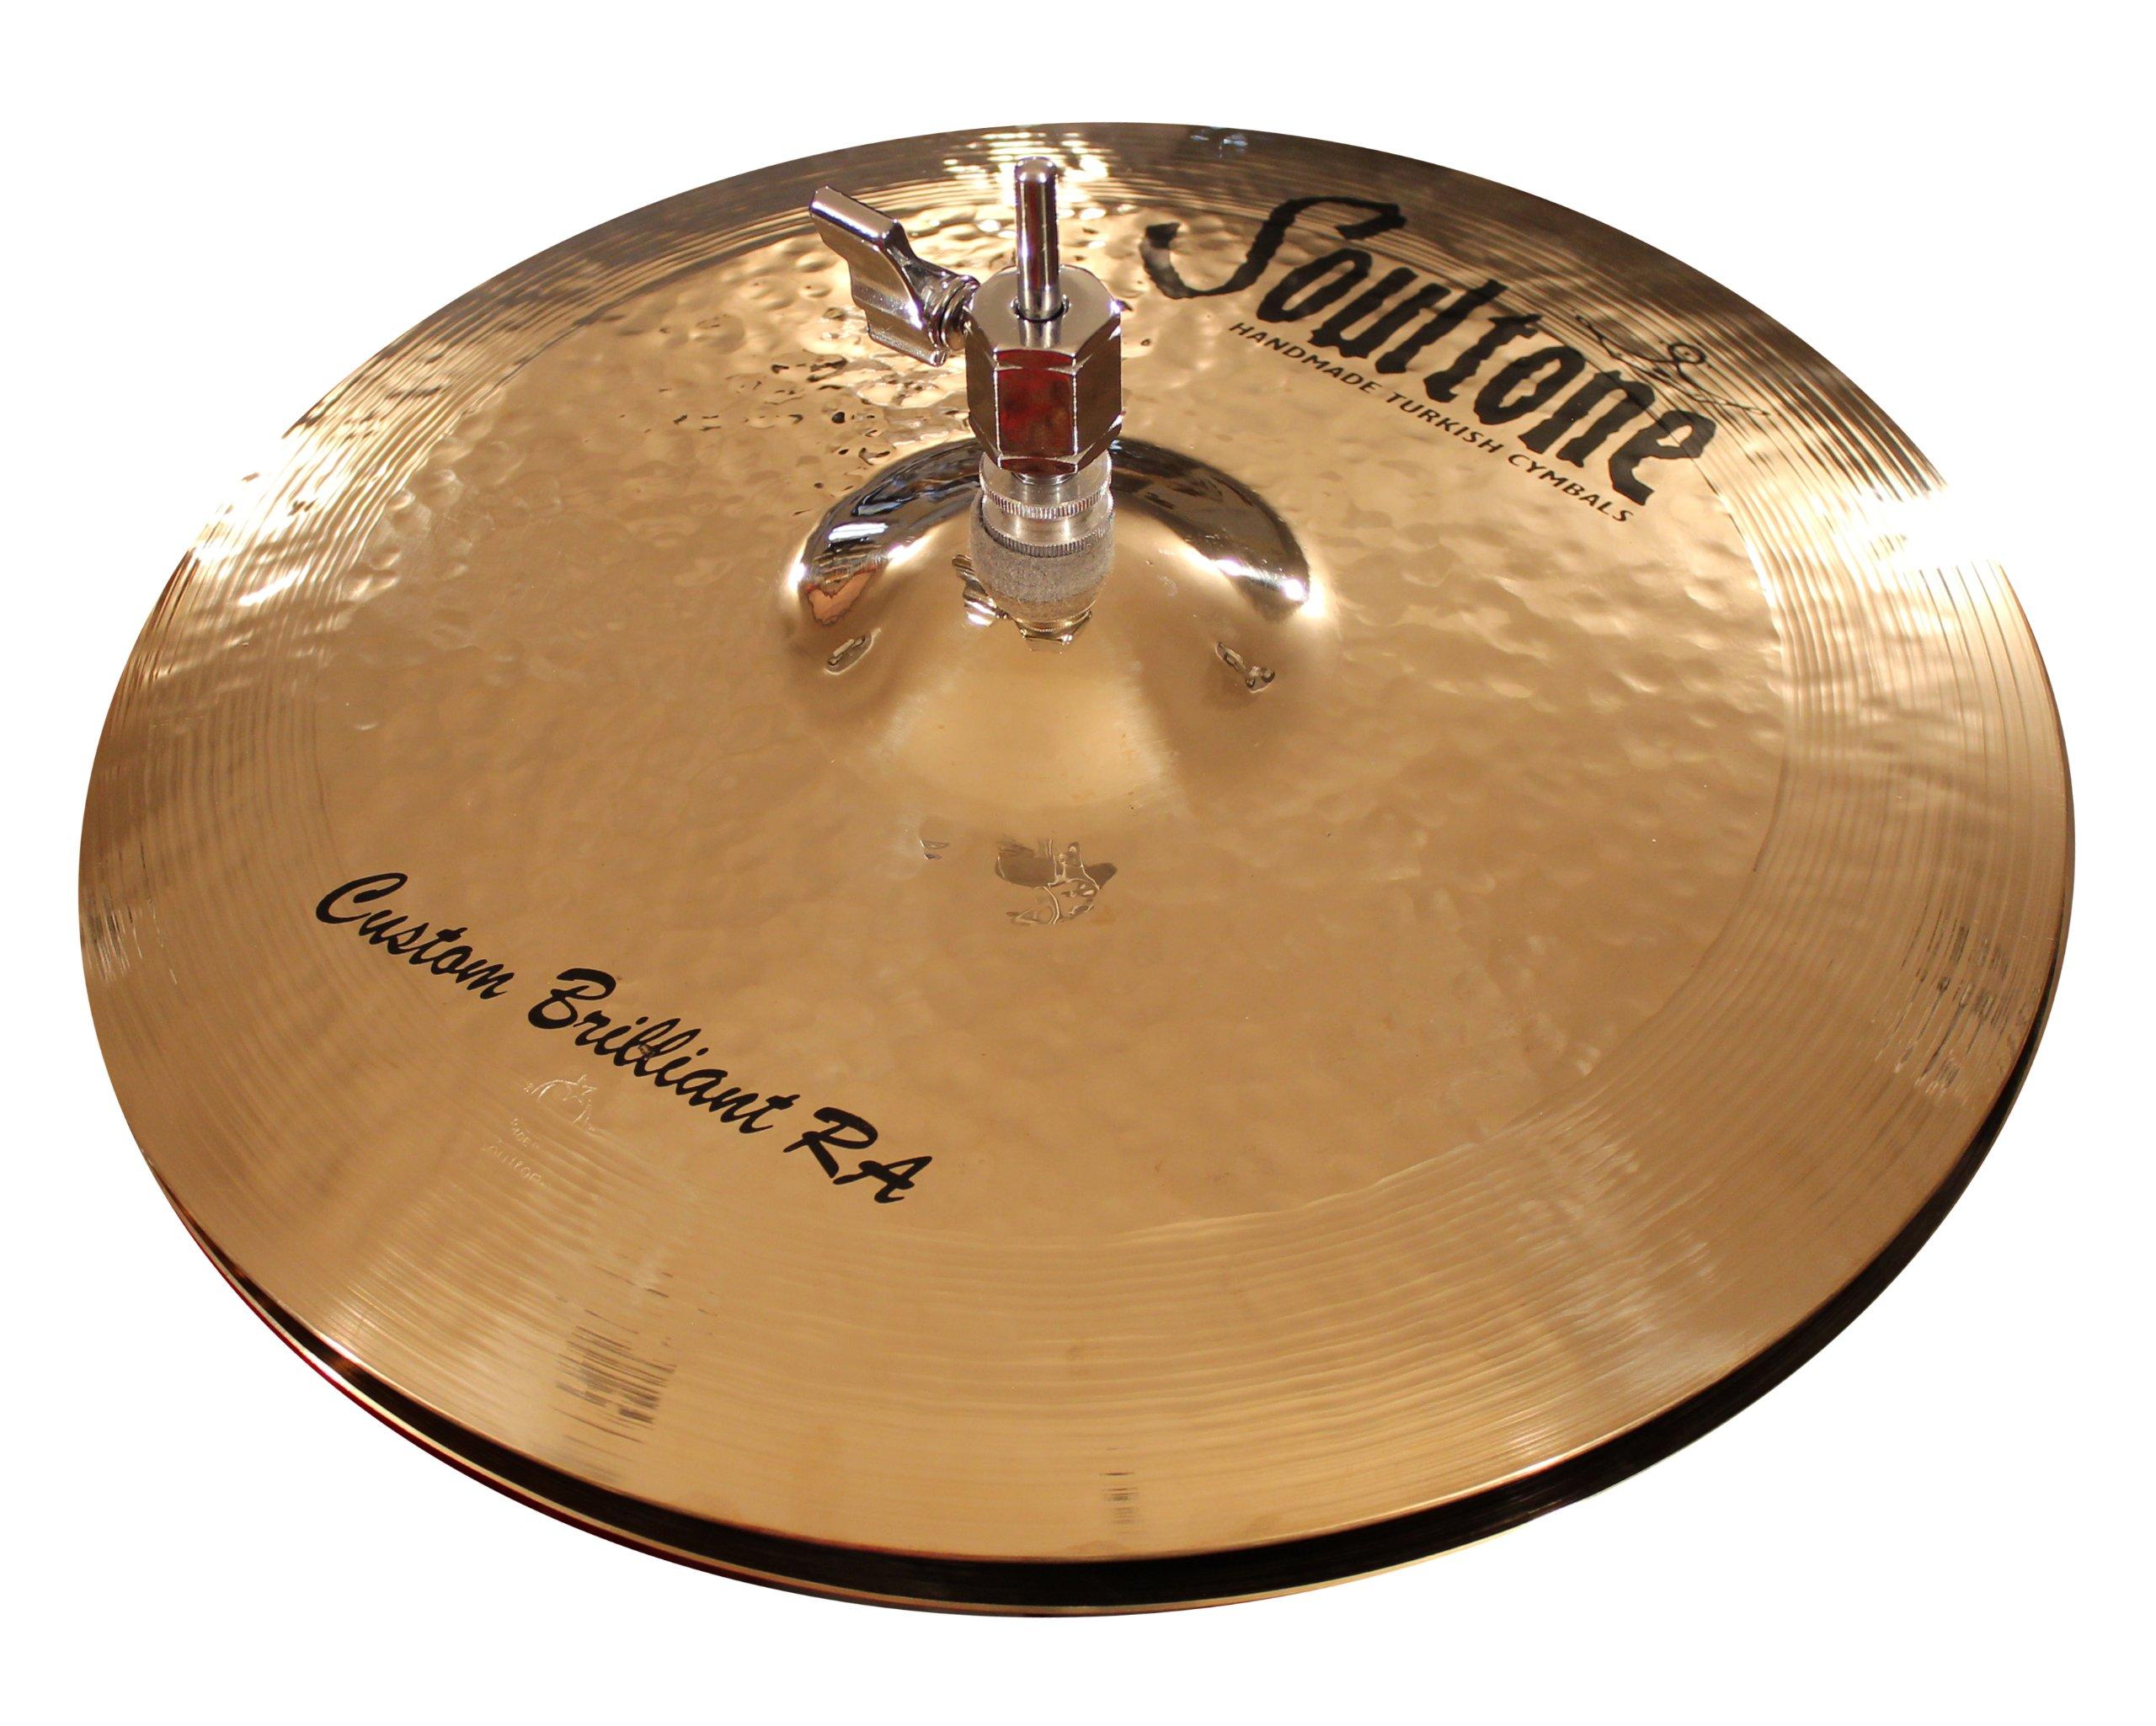 Soultone Cymbals CBRRA-HHTT15-15'' Custom Brilliant RA Hi Hat Top Only by Soultone Cymbals